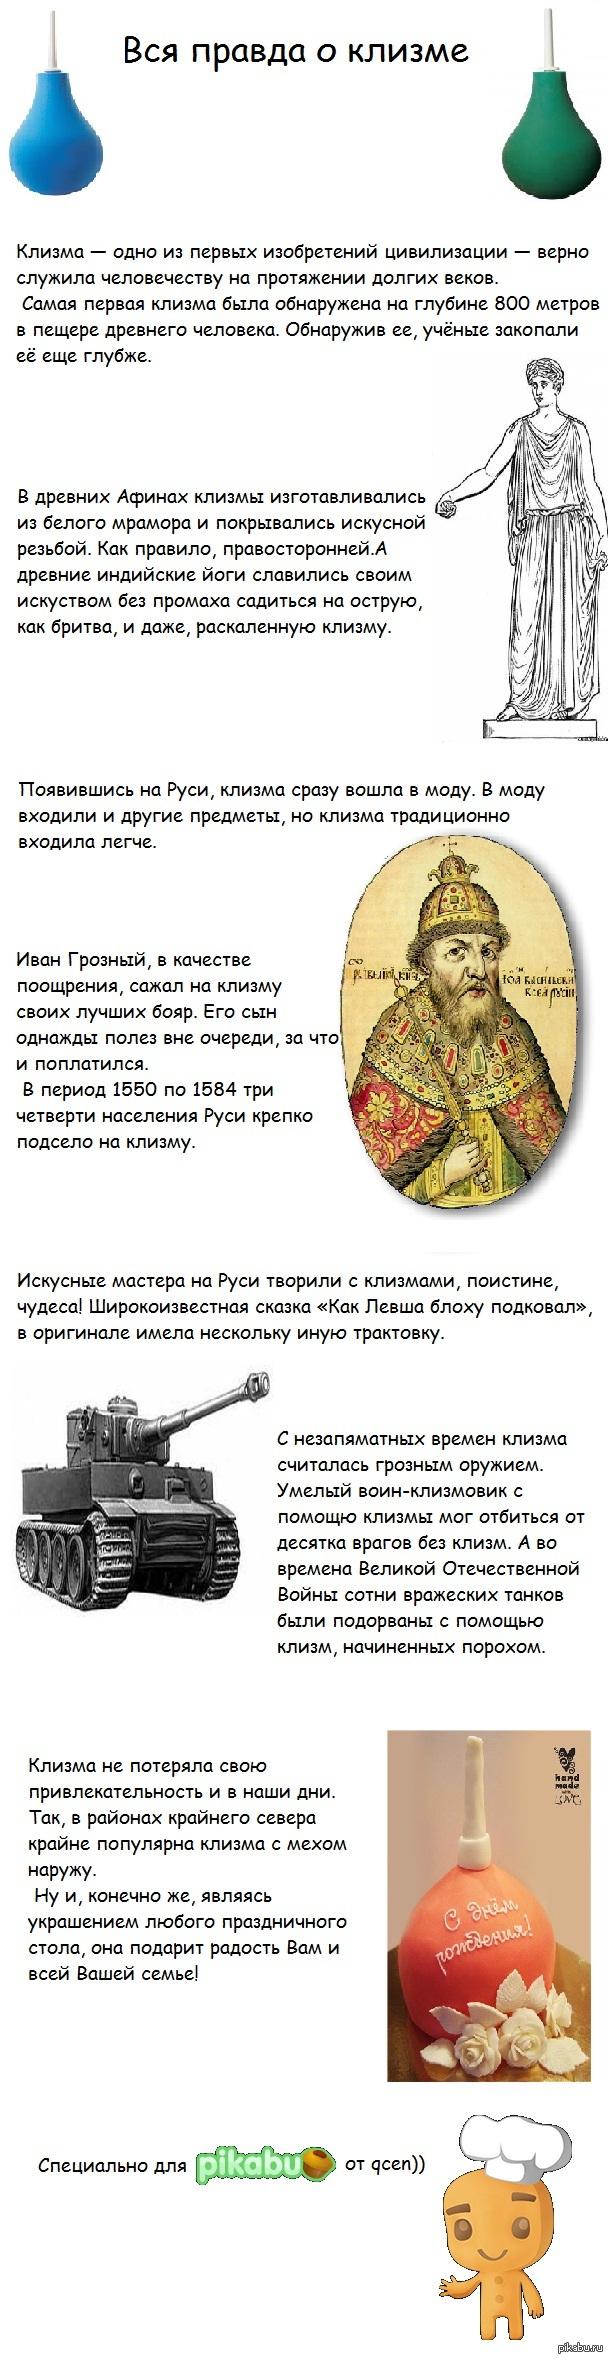 vospominanie-o-pervoy-klizme-russkaya-porno-foto-babishi